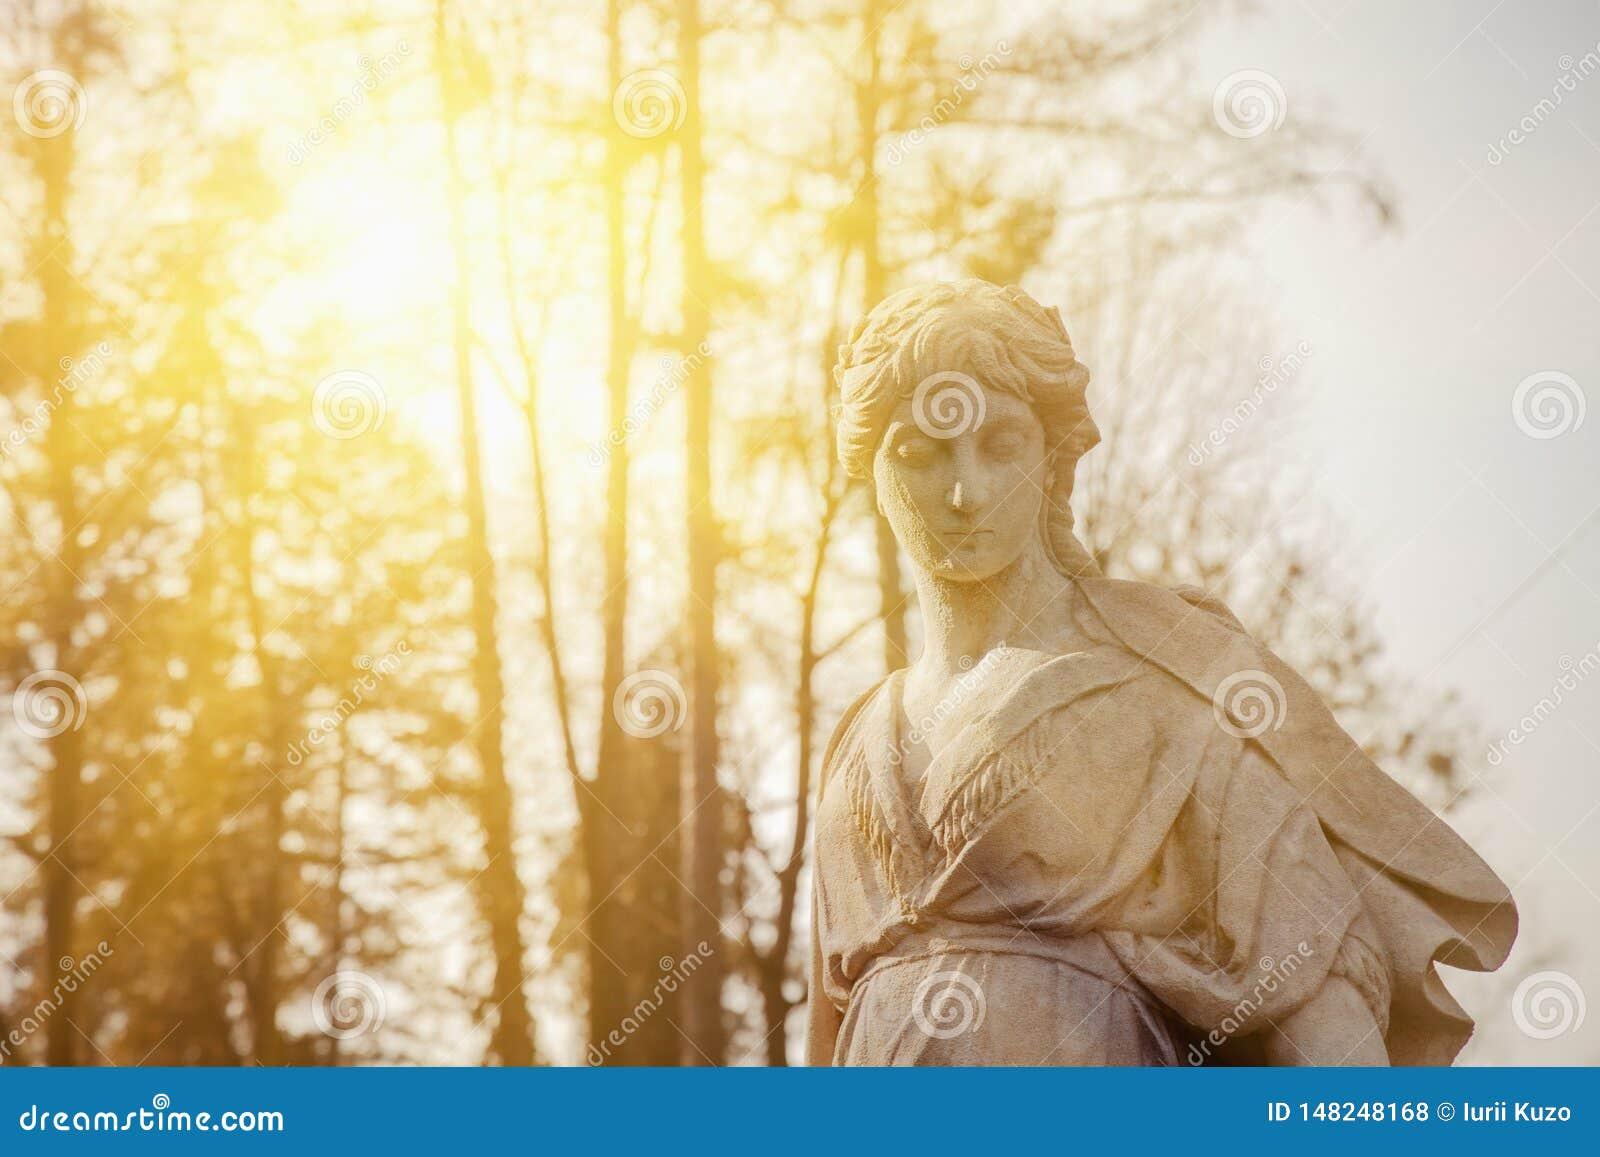 Bogini miłość w Greckiej mitologii, Aphrodite Wenus w Romańskiej mitologii czerepie antyczna statua w świetle słonecznym